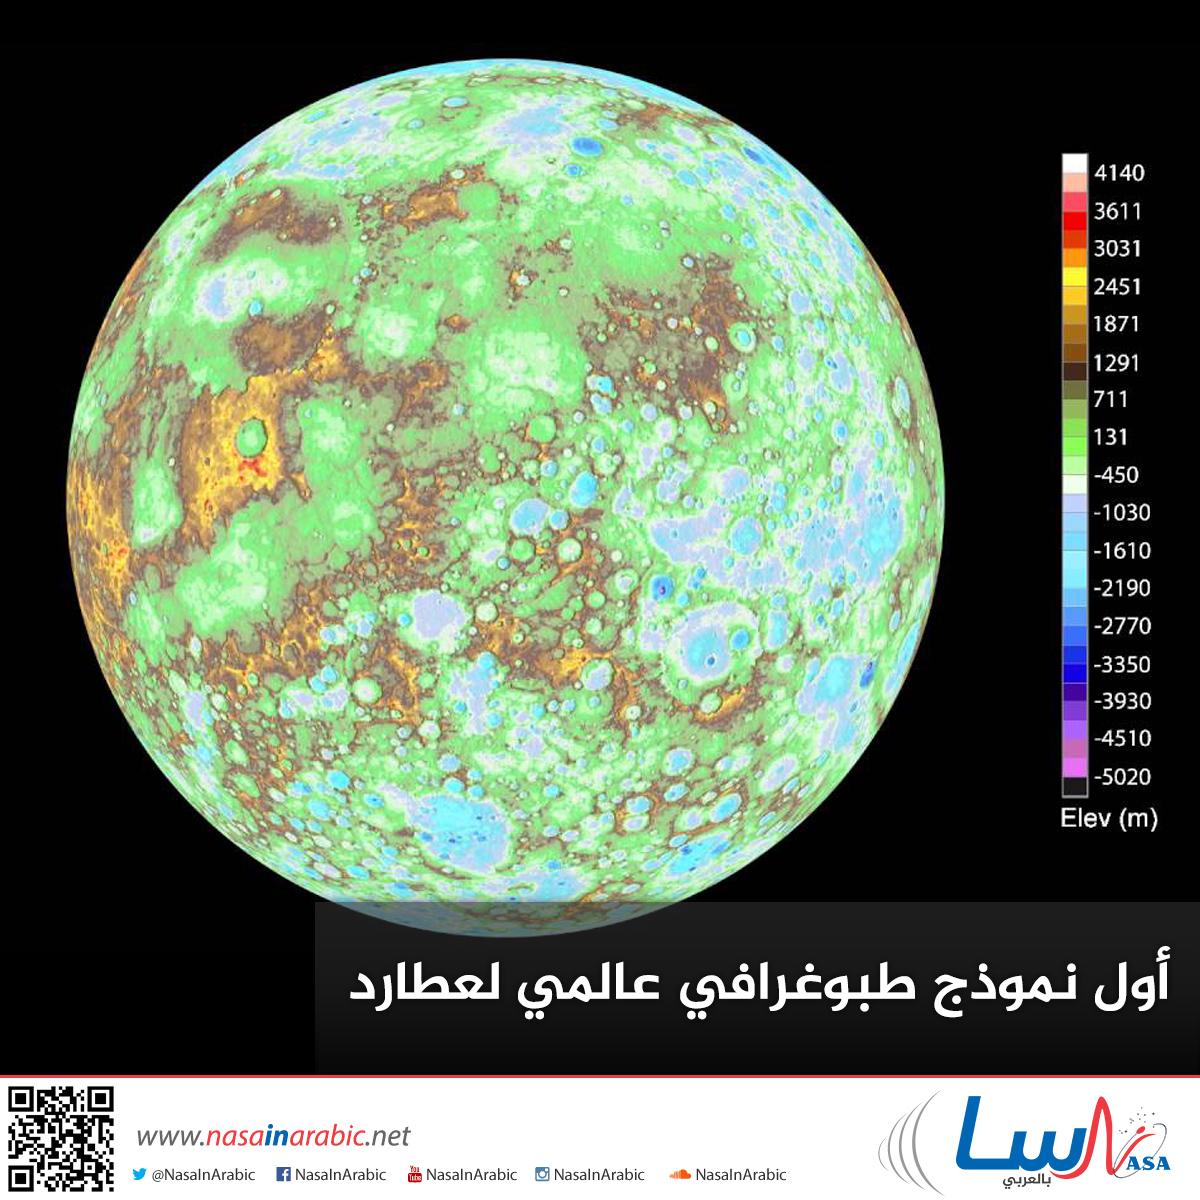 أول نموذج طبوغرافي عالمي لعطارد